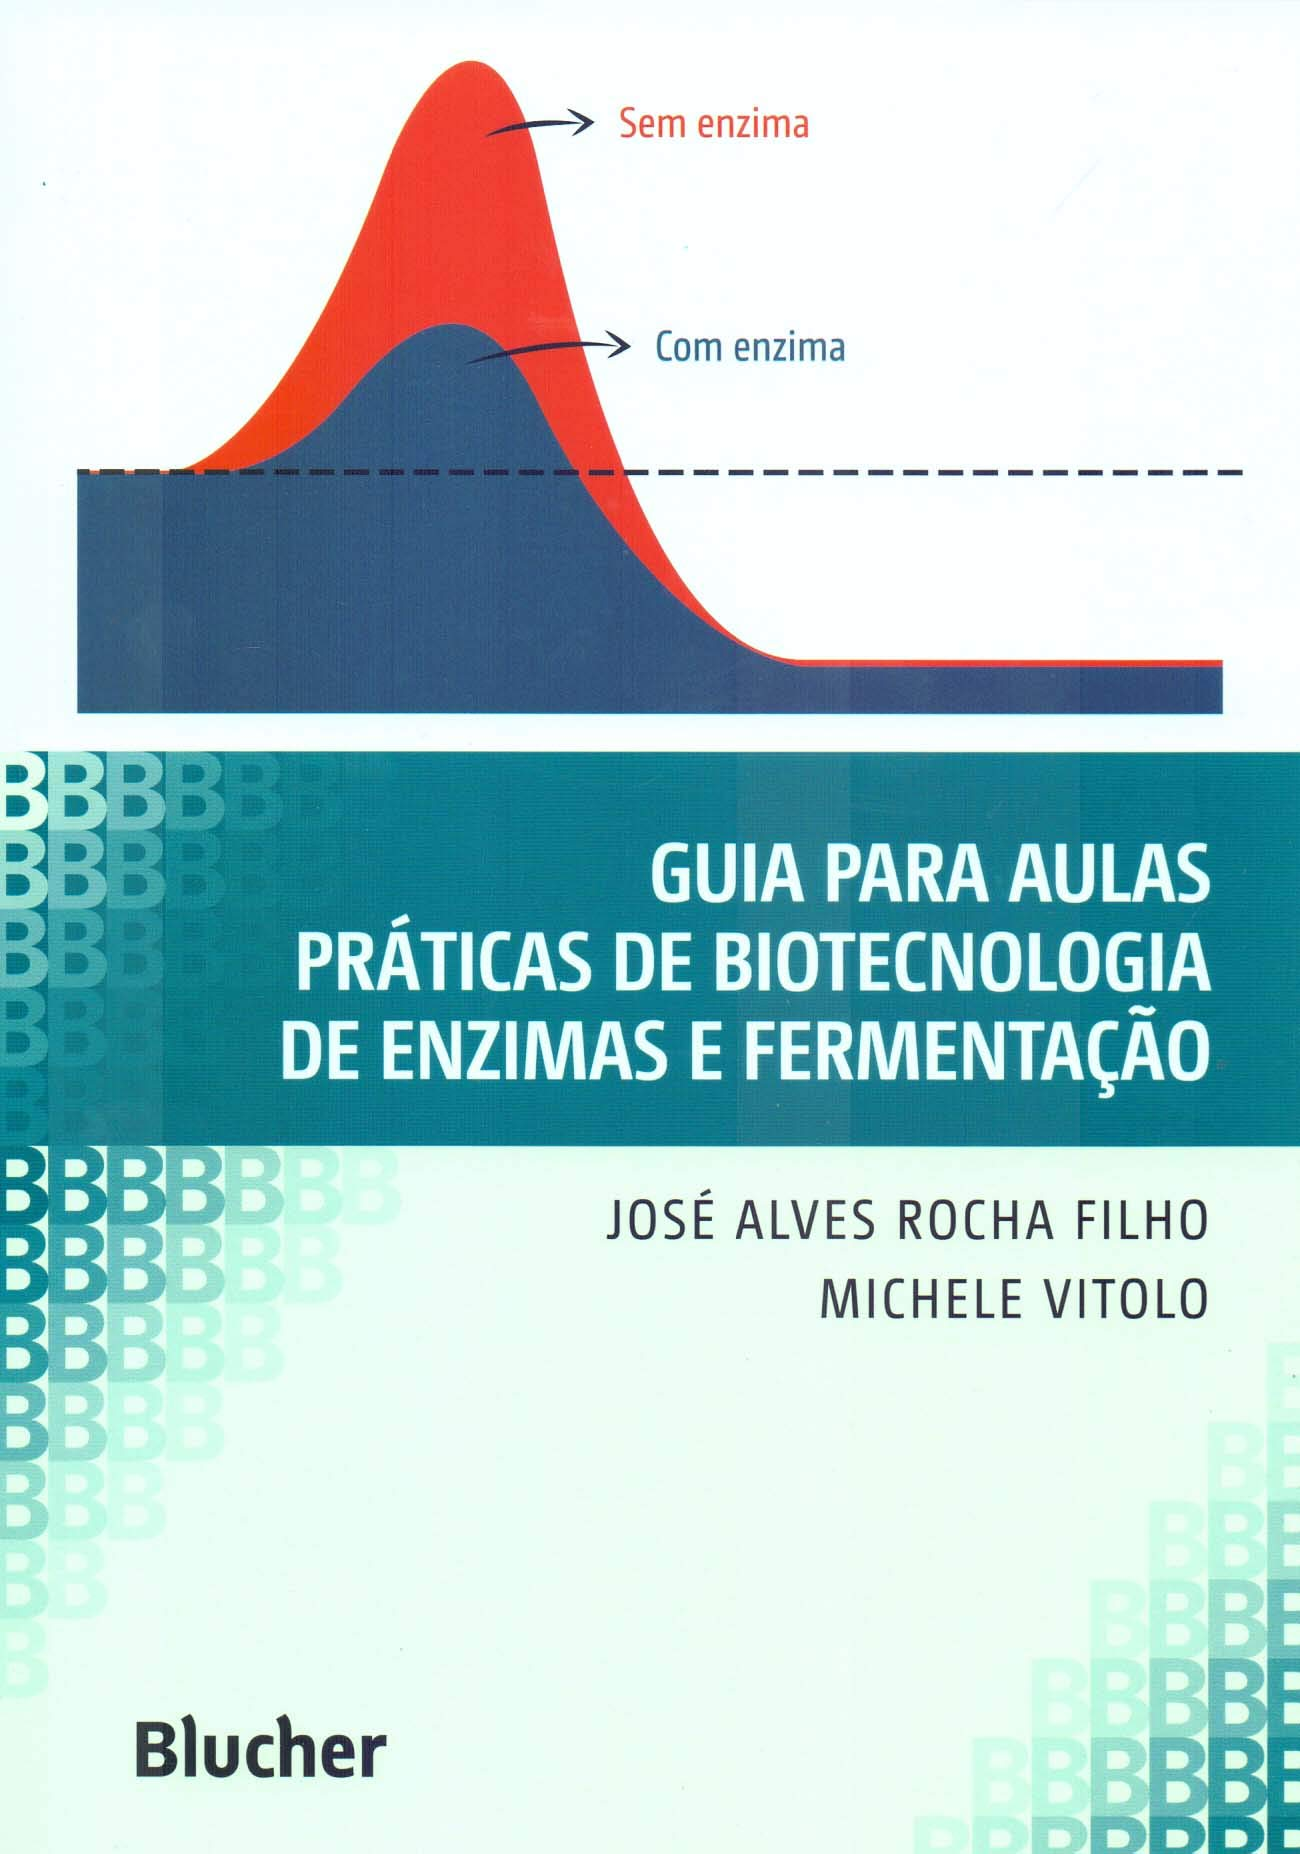 Guia Para Aulas Práticas de Biotecnologia de Enzimas e ...